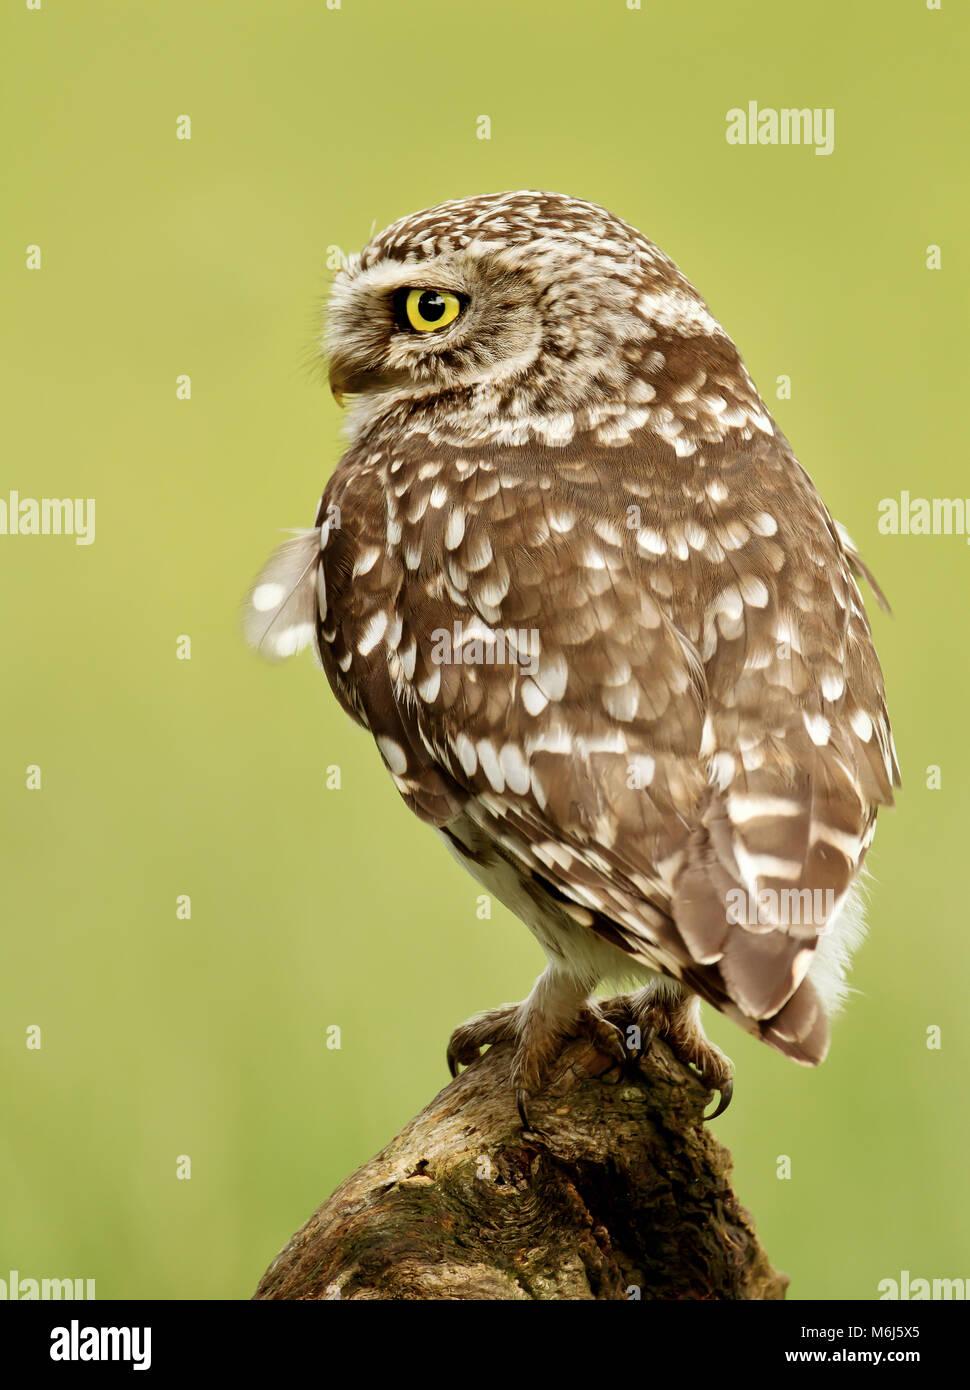 Nahaufnahme eines kleine Eule hocken auf einem Baumstamm, UK. Stockbild